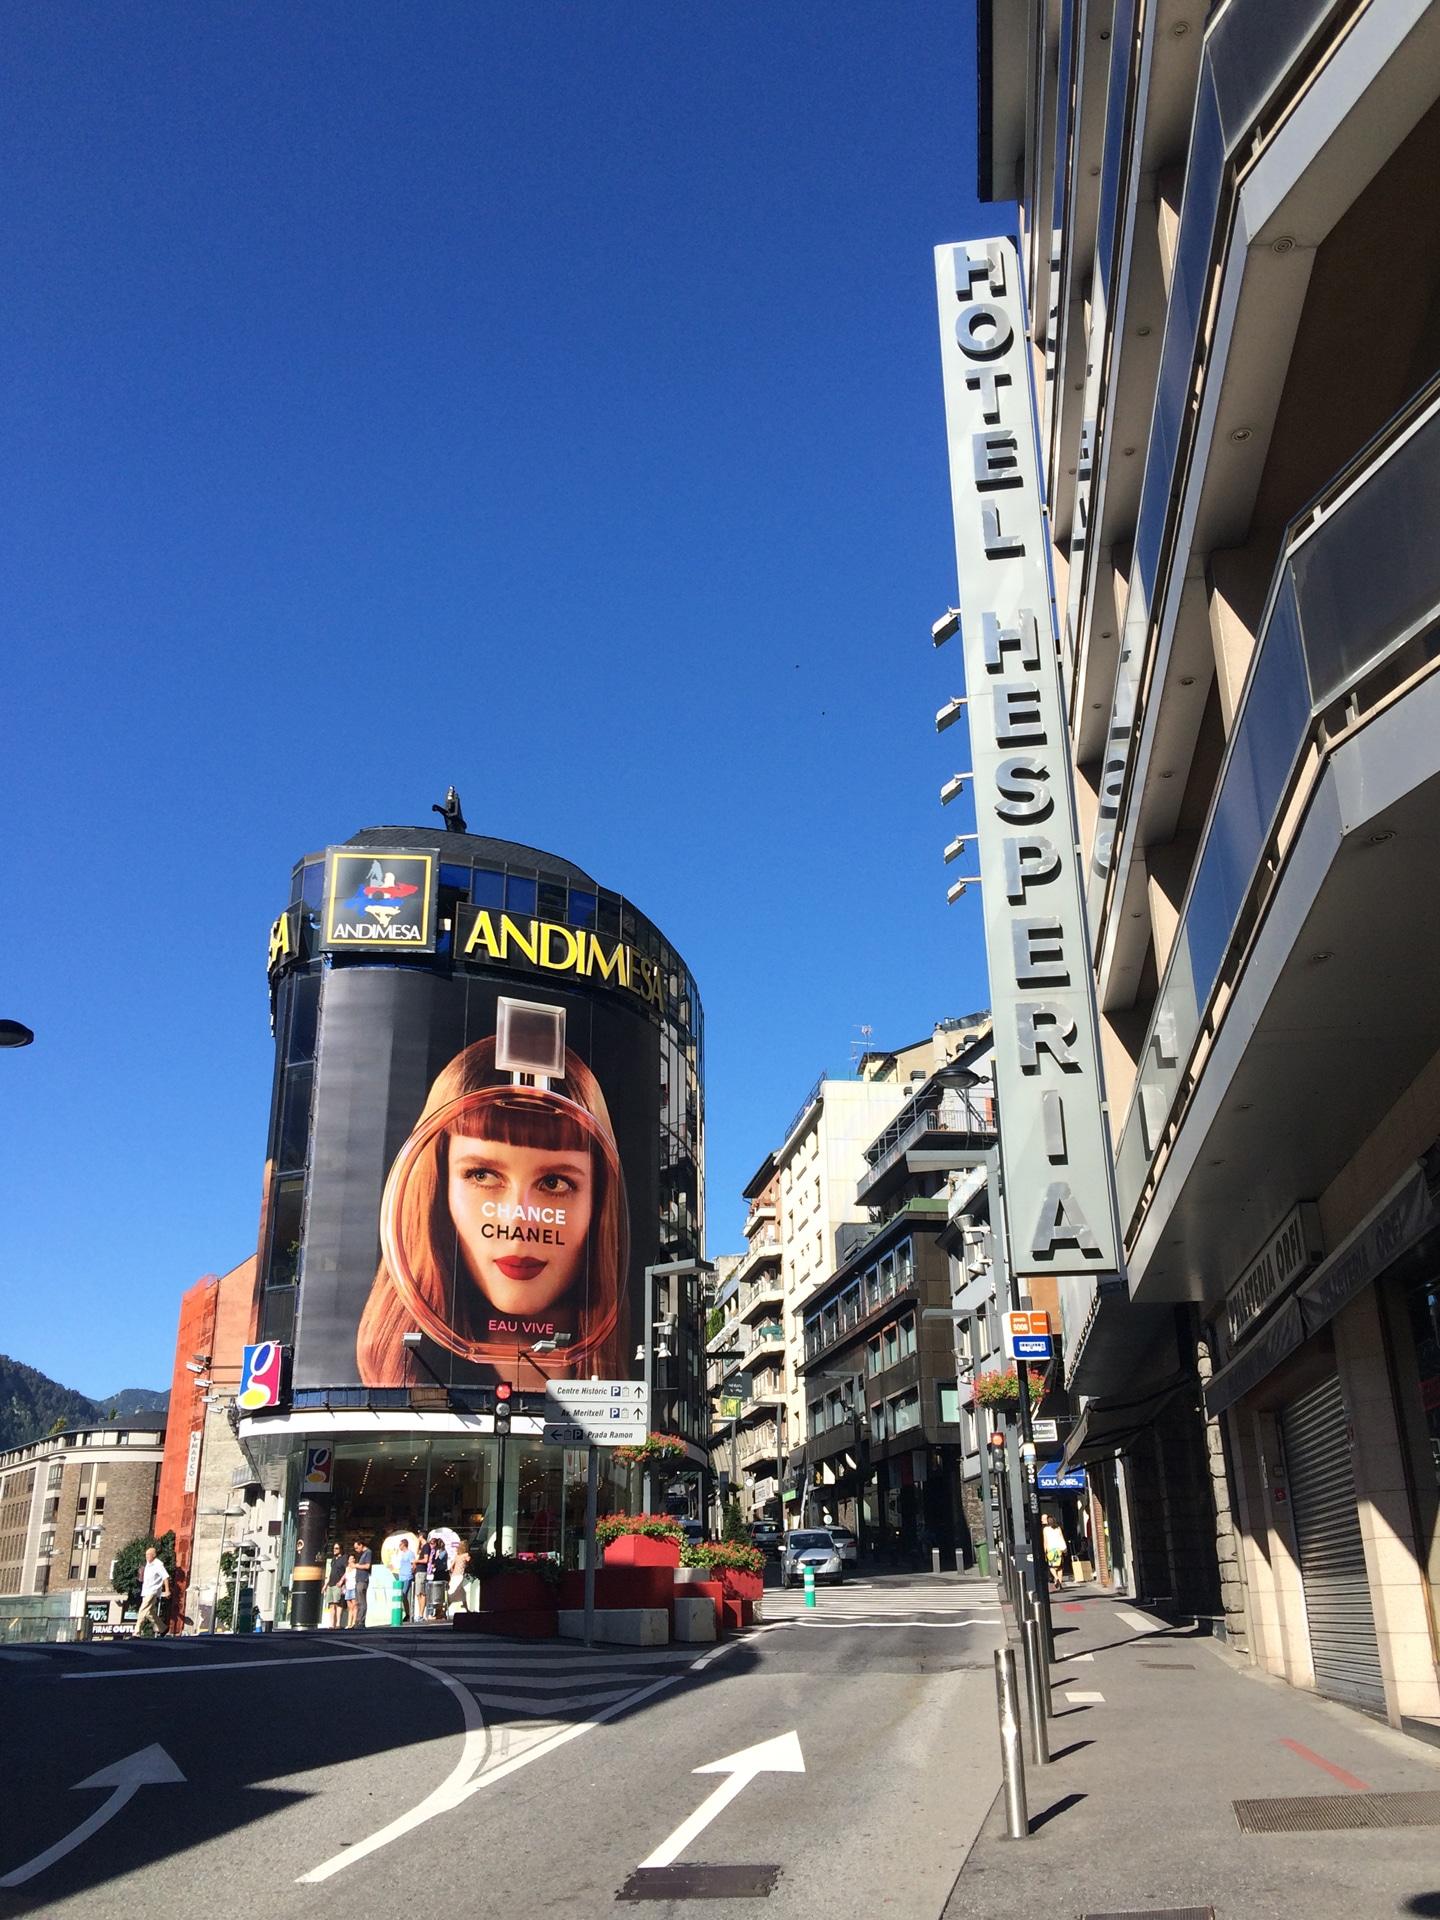 Roadtrip to Andorra